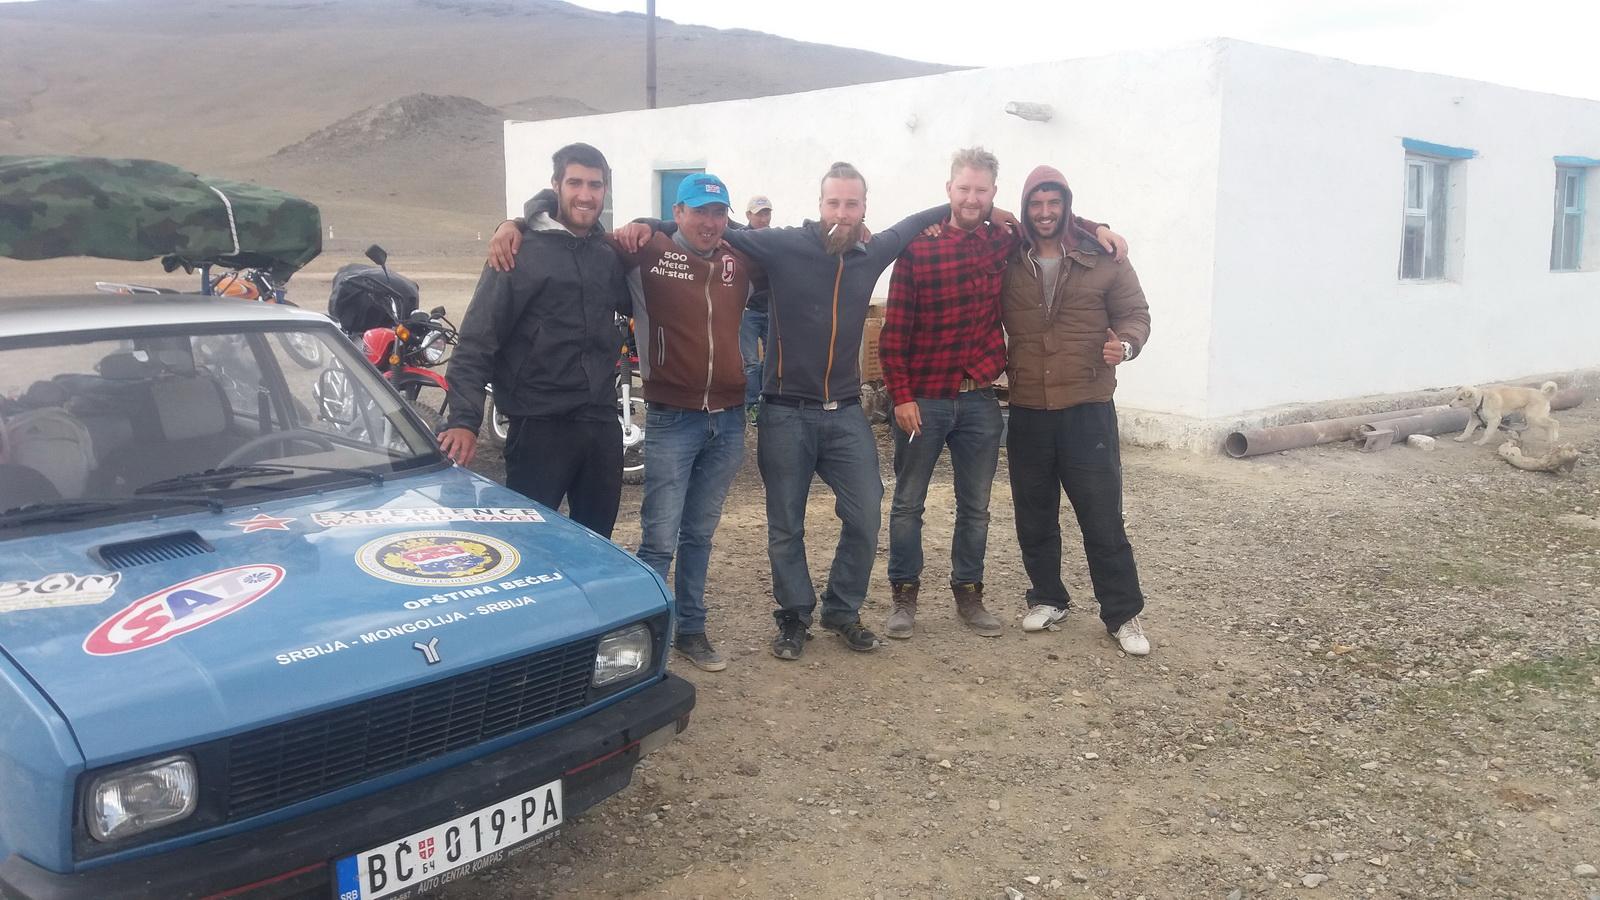 Sa novim prijateljima iz Švedske koji su se isto zaputili na turneju po Aziji